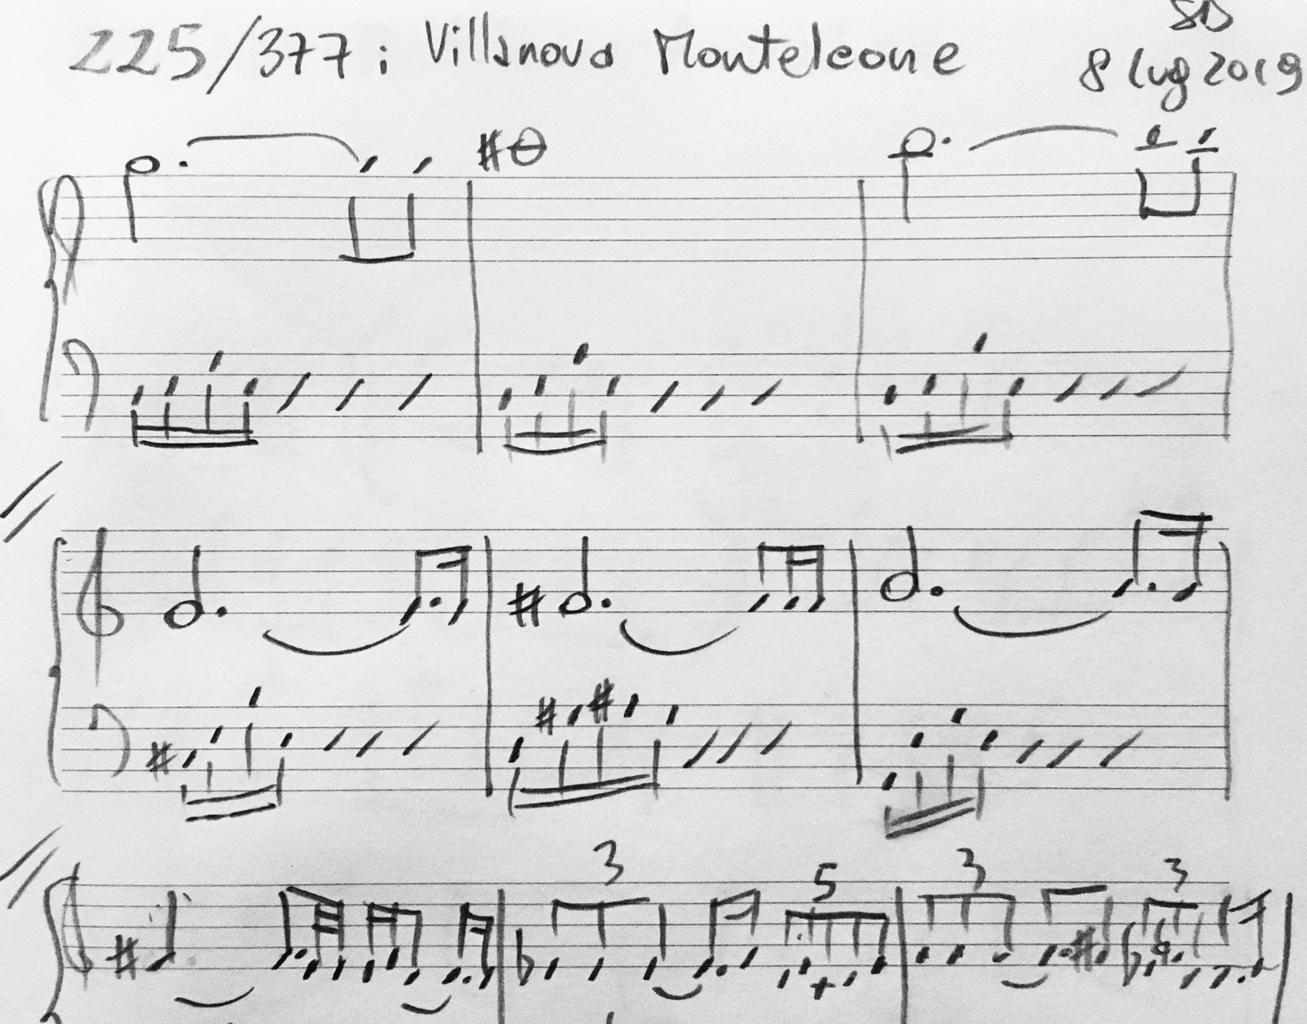 225-Villanova-Monteleone-score